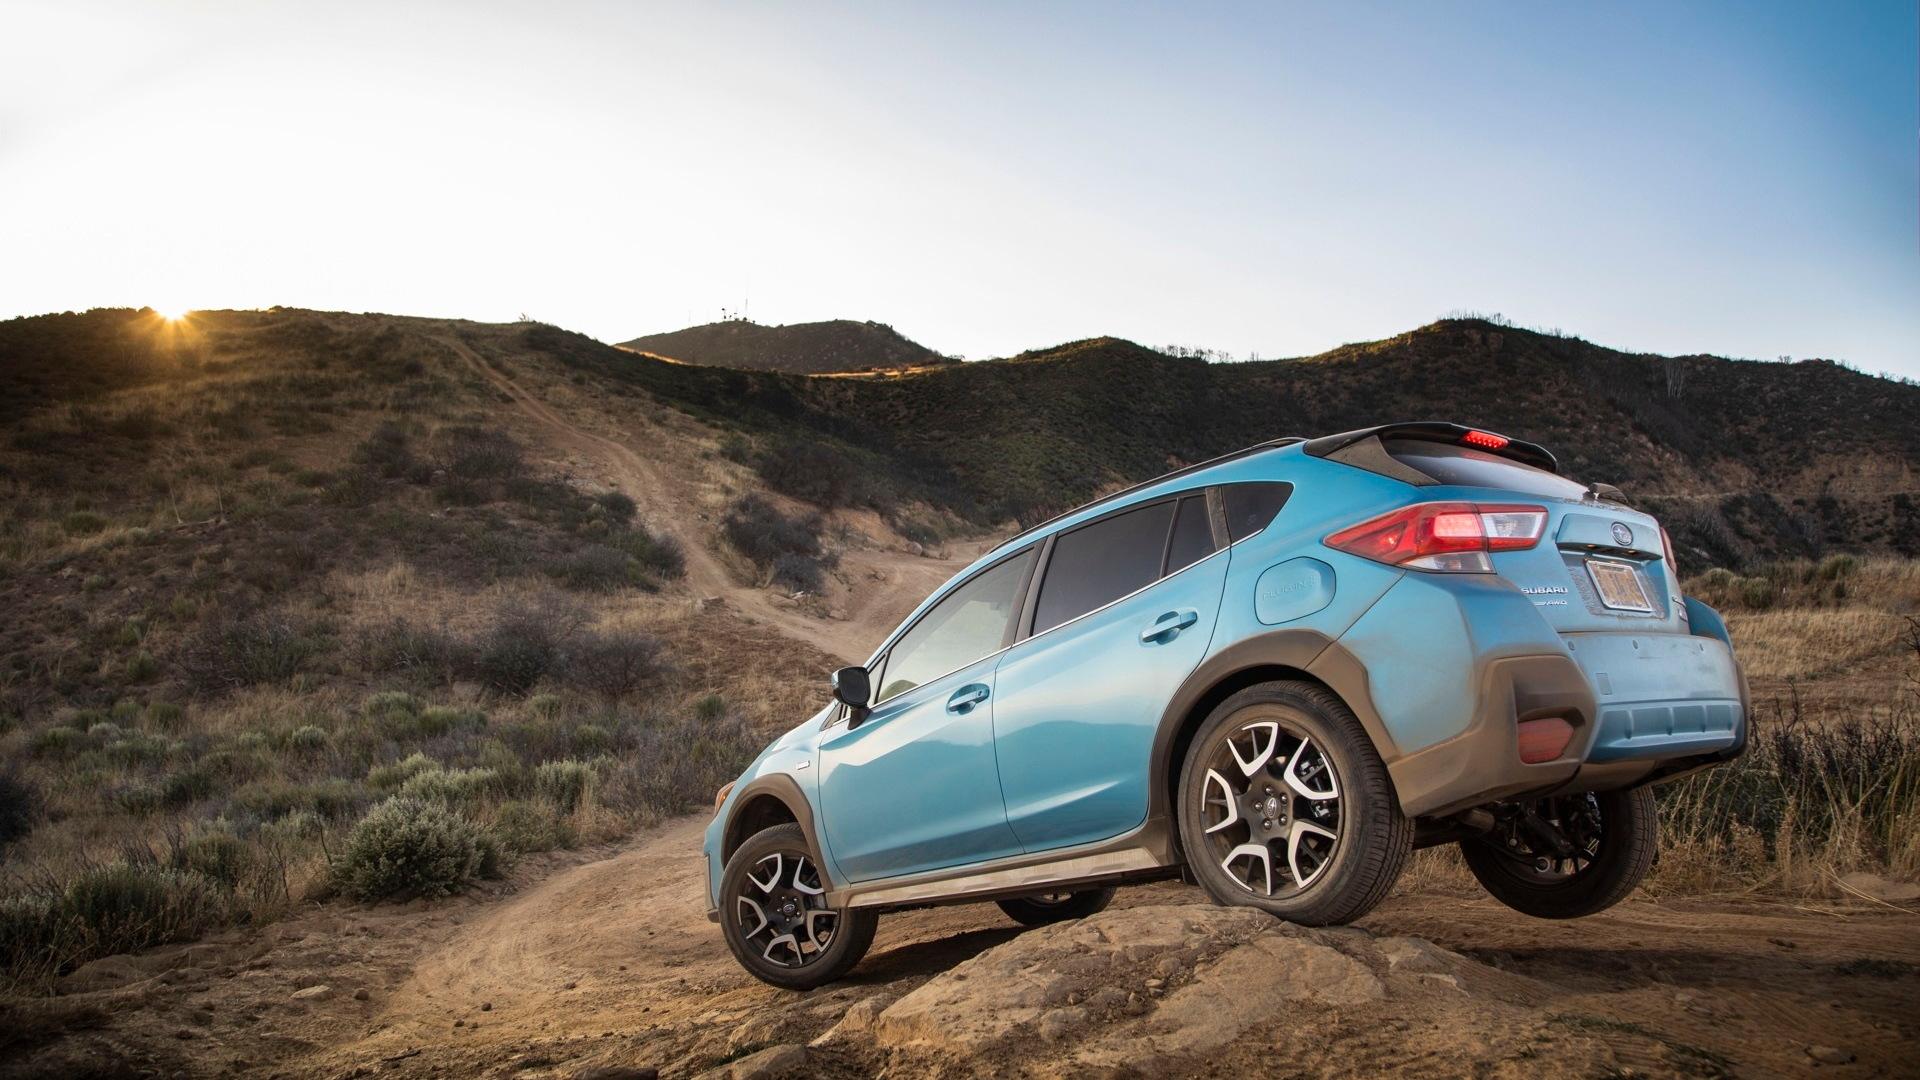 2019 Subaru Crosstrek Hybrid: First drive of 17-mile, 35-mpg